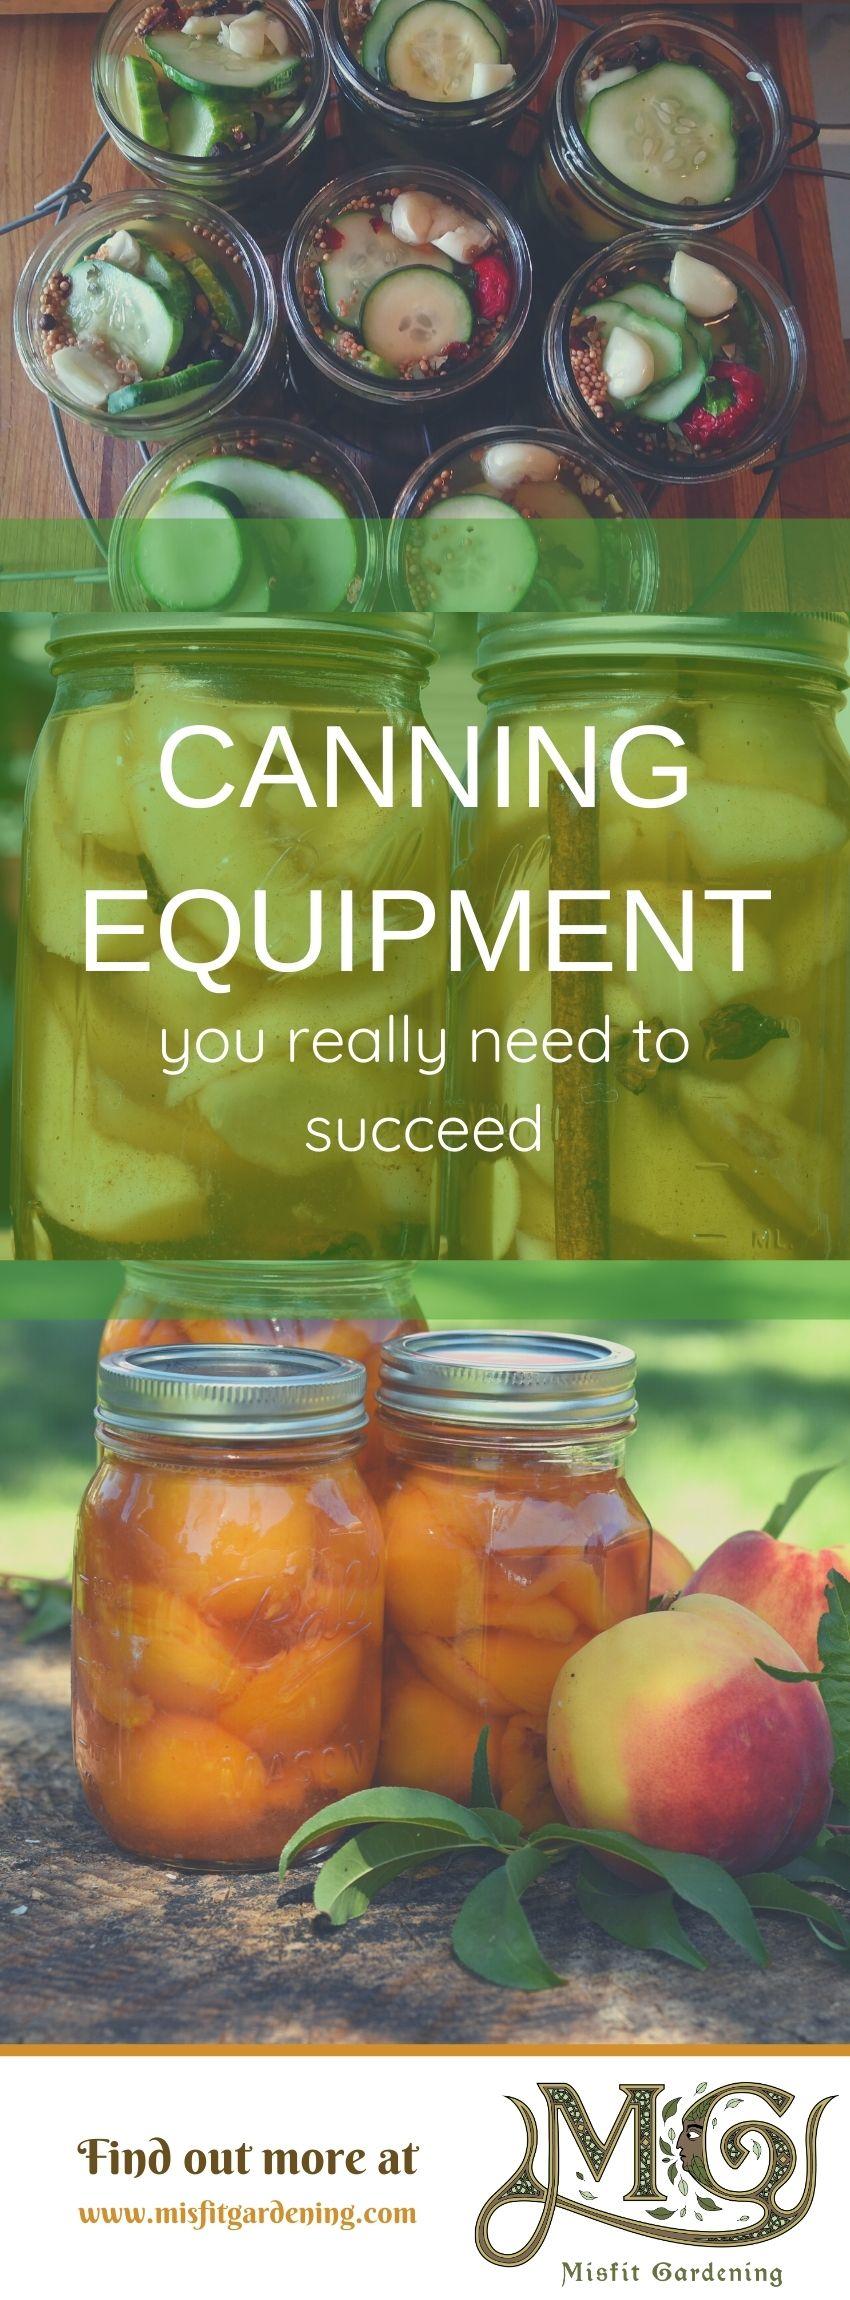 Klicken Sie hier, um zu sehen, welche Konservenausrüstung Sie benötigen, oder stecken Sie sie fest und speichern Sie sie für später. #Homesteading #Canning